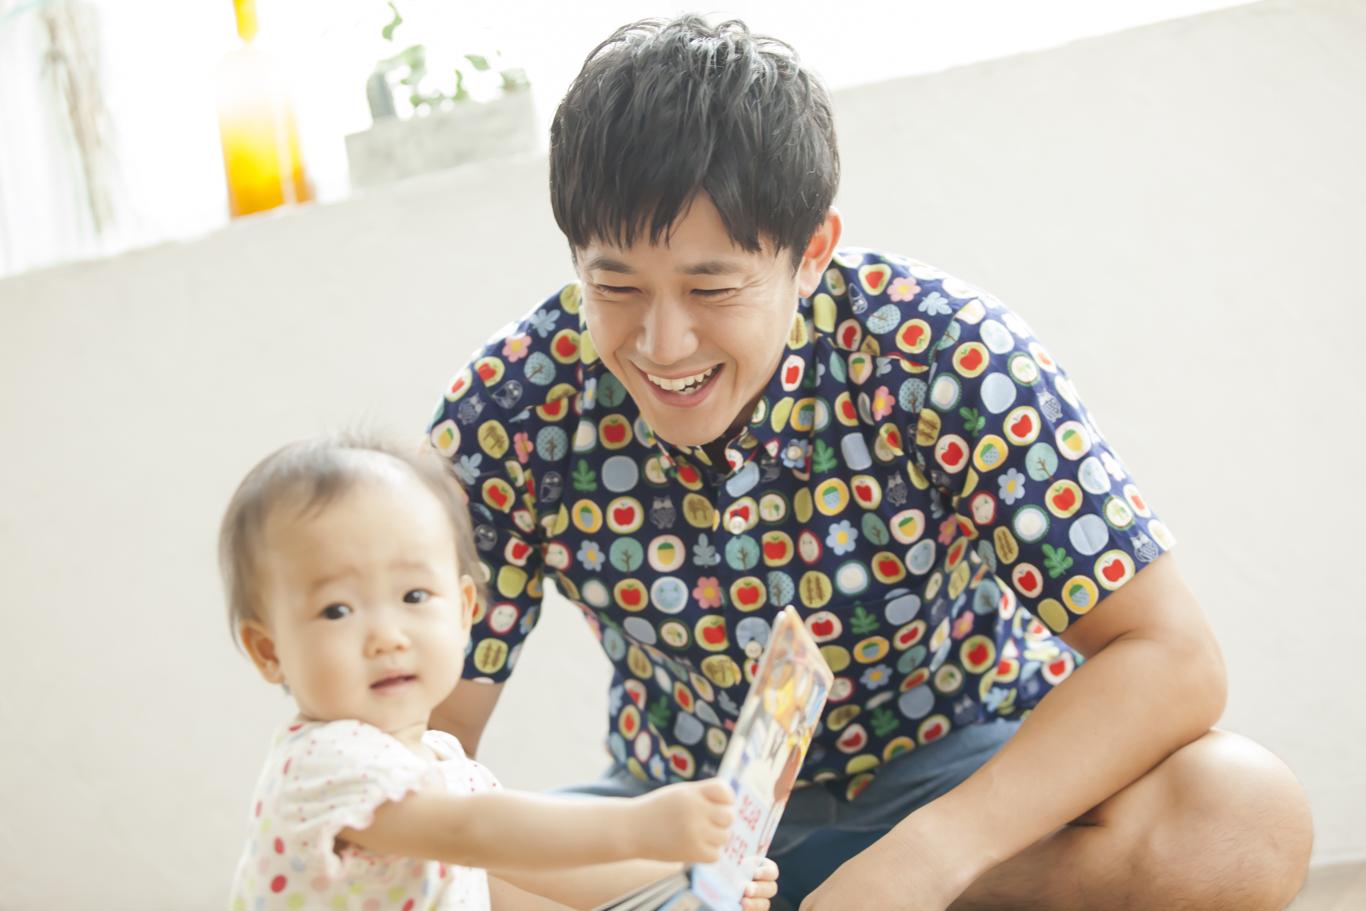 新米パパインタビュー/第2回:森 渉「家族の笑顔を守るためなら、まわりに何を言われてもいい」